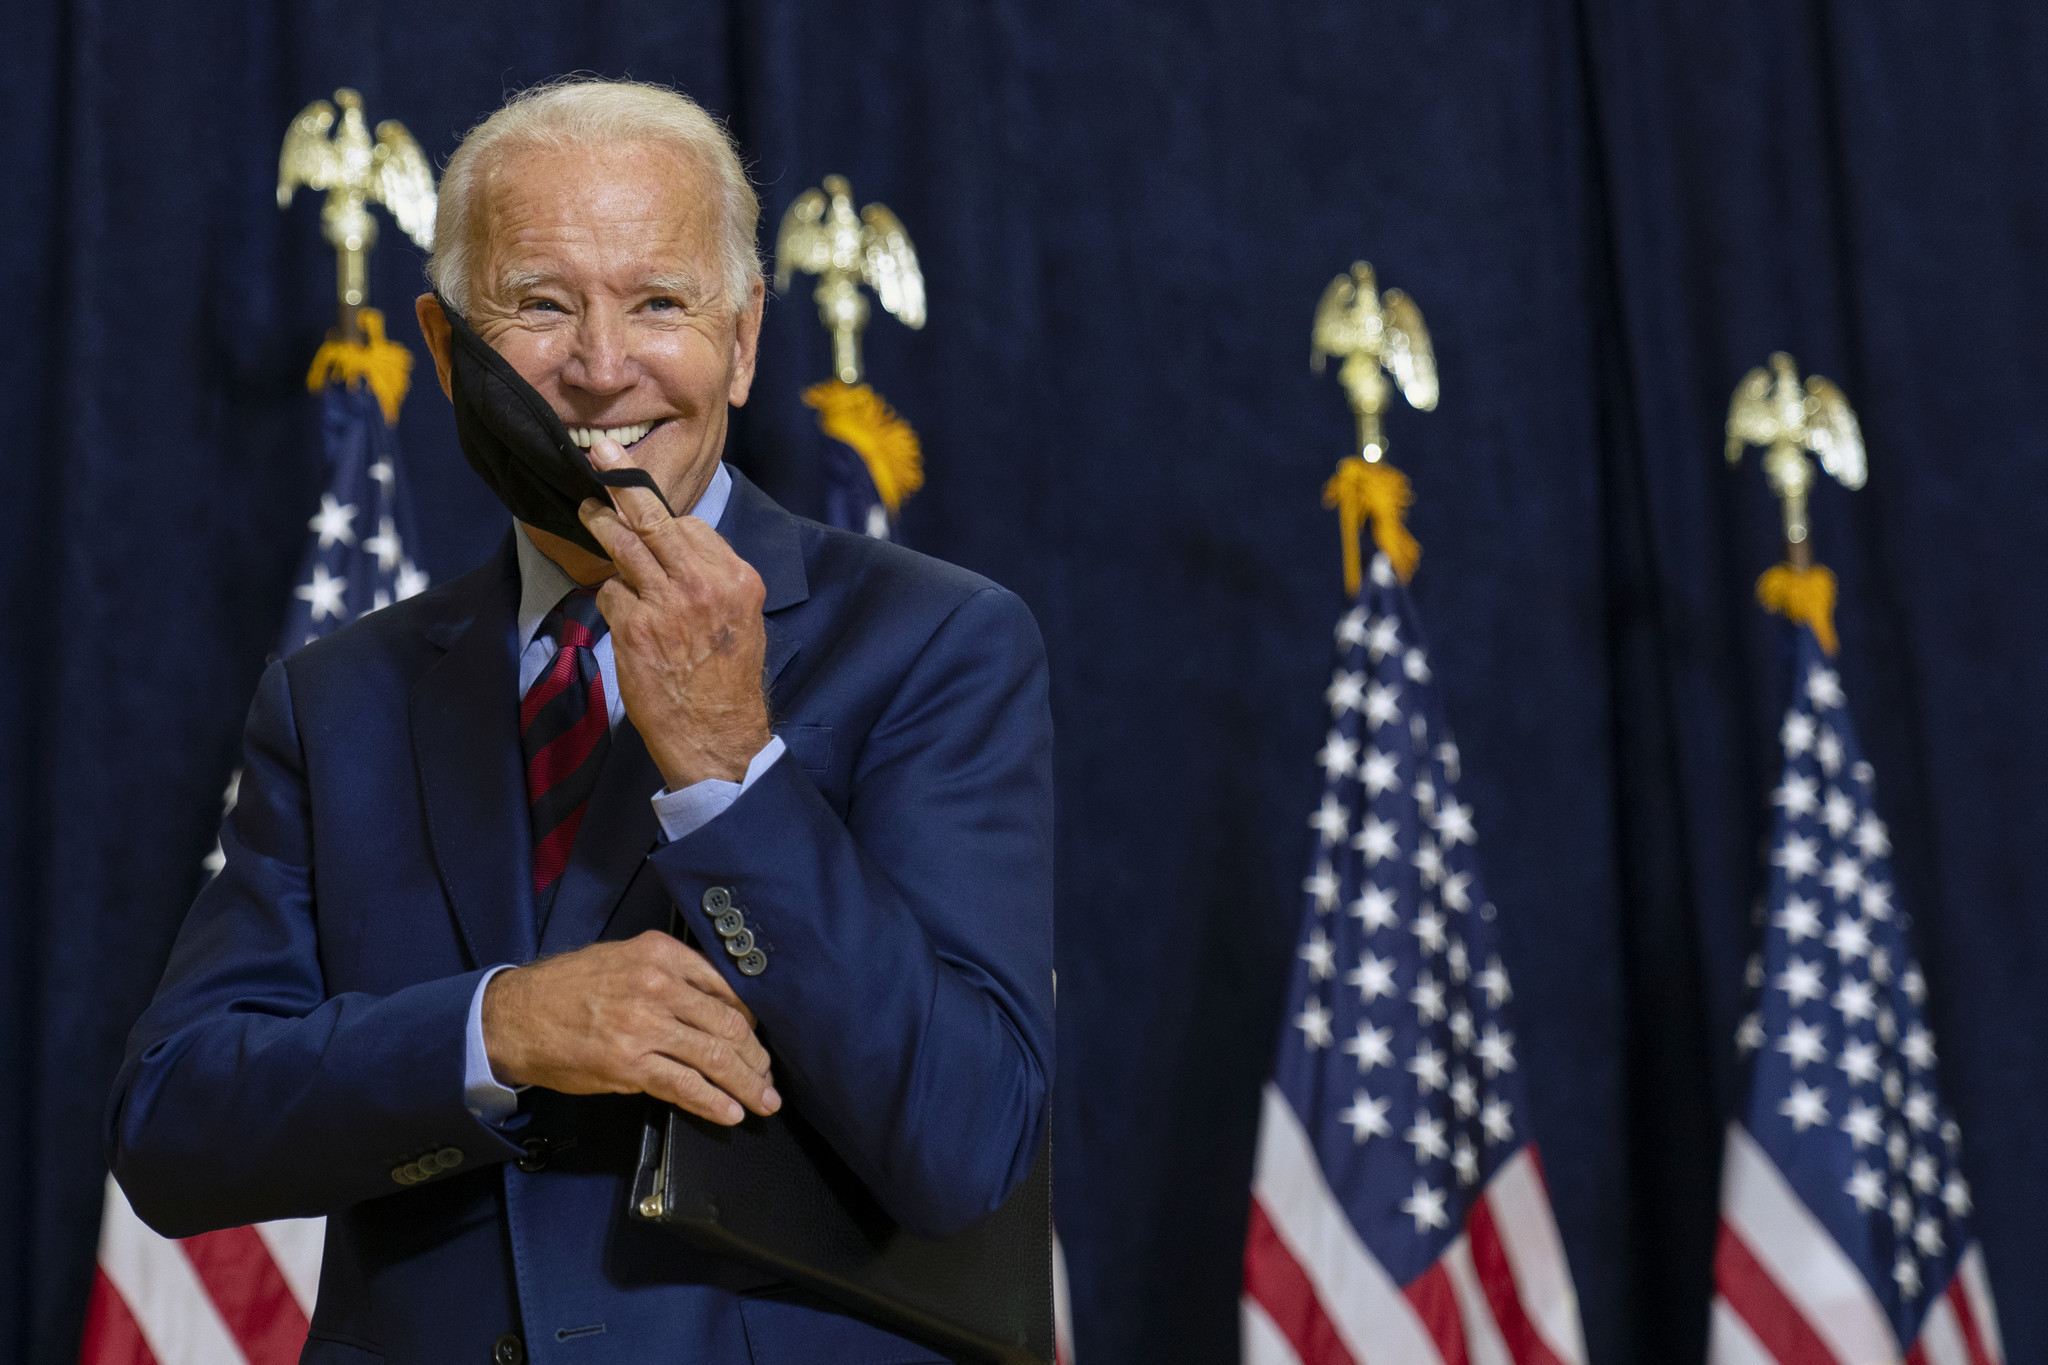 FT: Biden'in seçileceği beklentisi TL ve rubleyi vuruyor